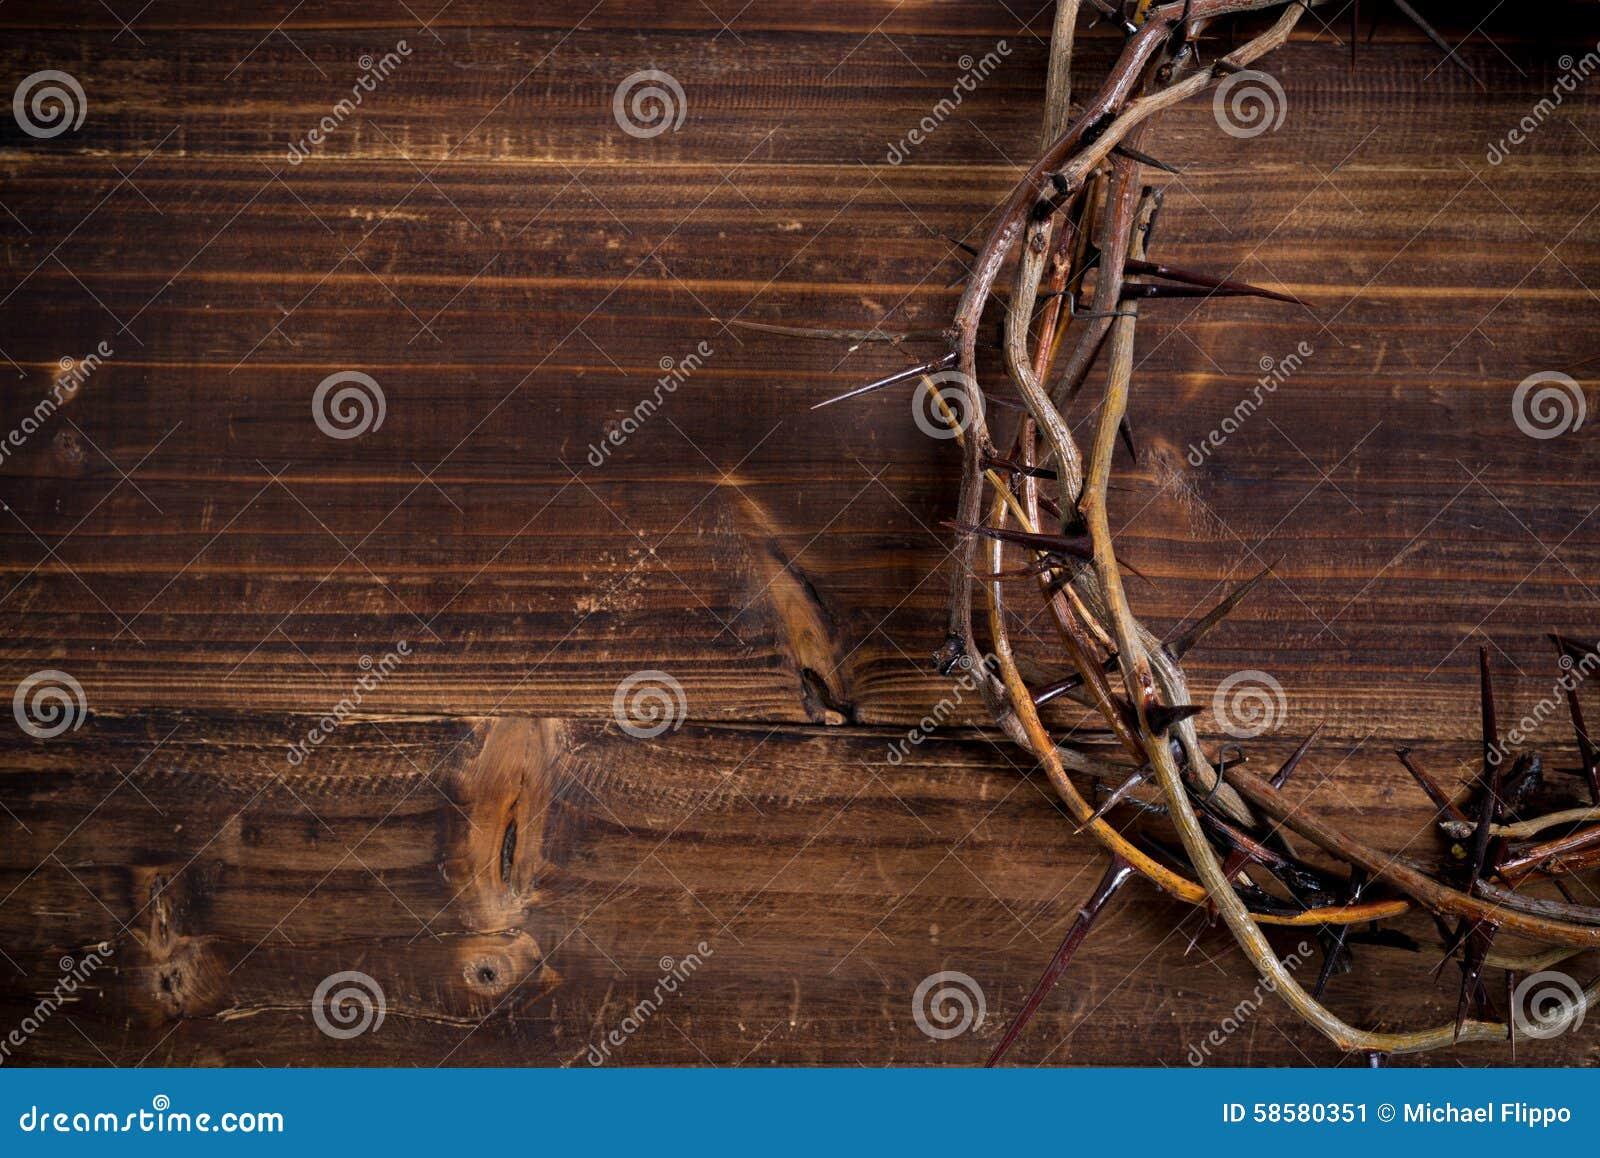 Κορώνα των αγκαθιών σε ένα ξύλινο υπόβαθρο - Πάσχα